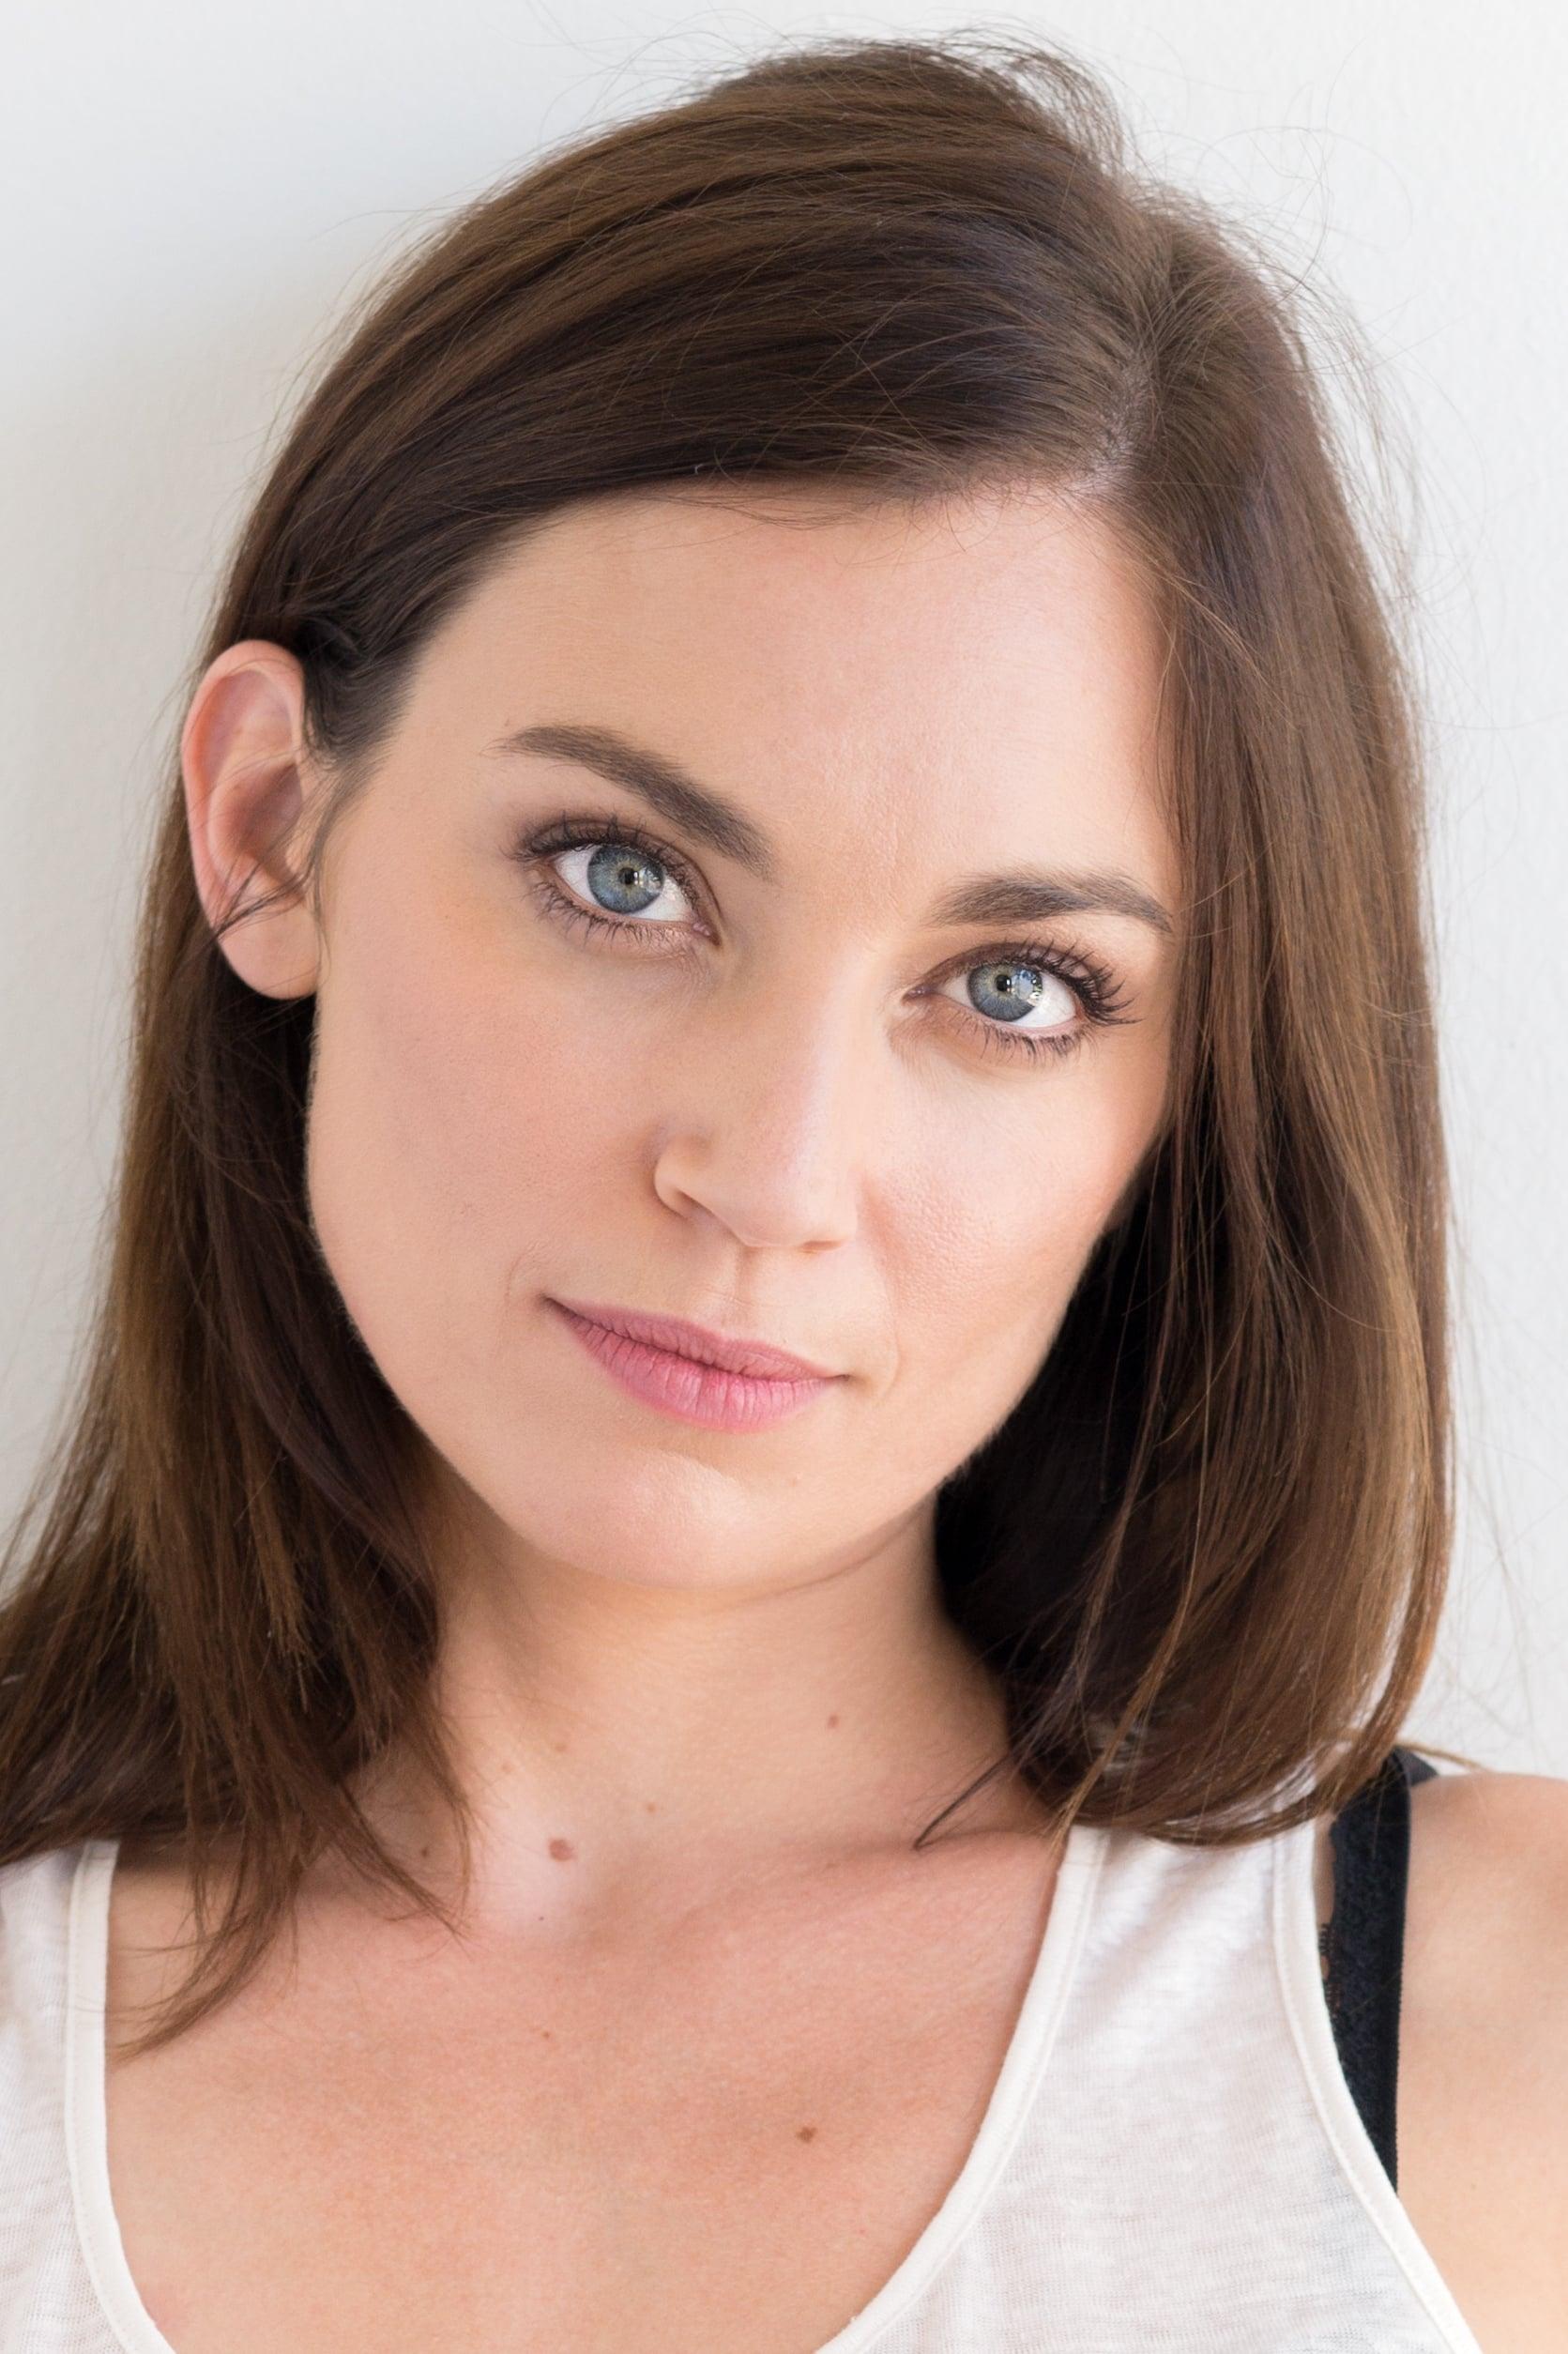 Carrie Finklea